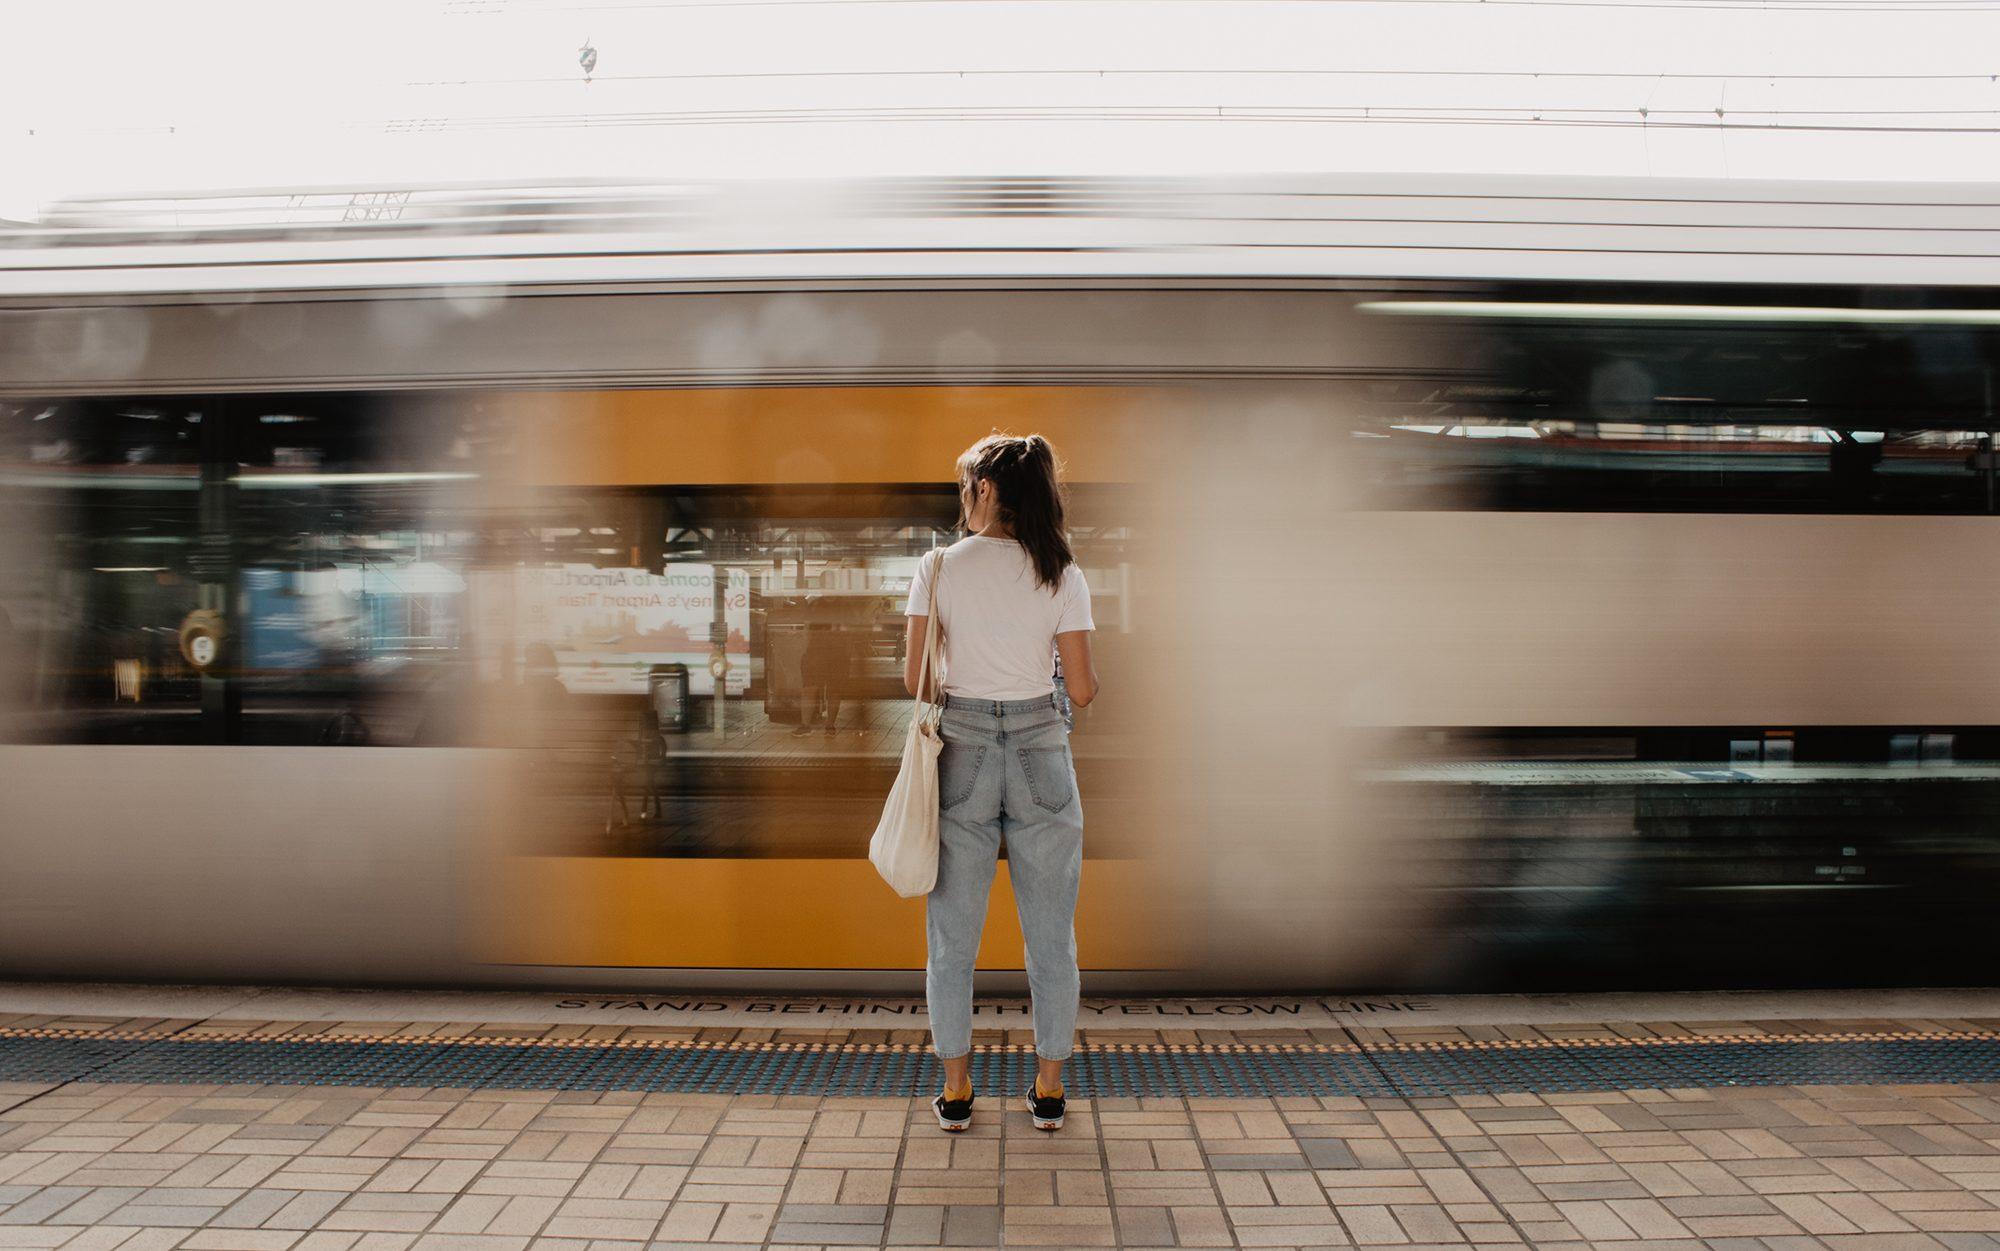 madeleine-ragsdale-train-unsplash